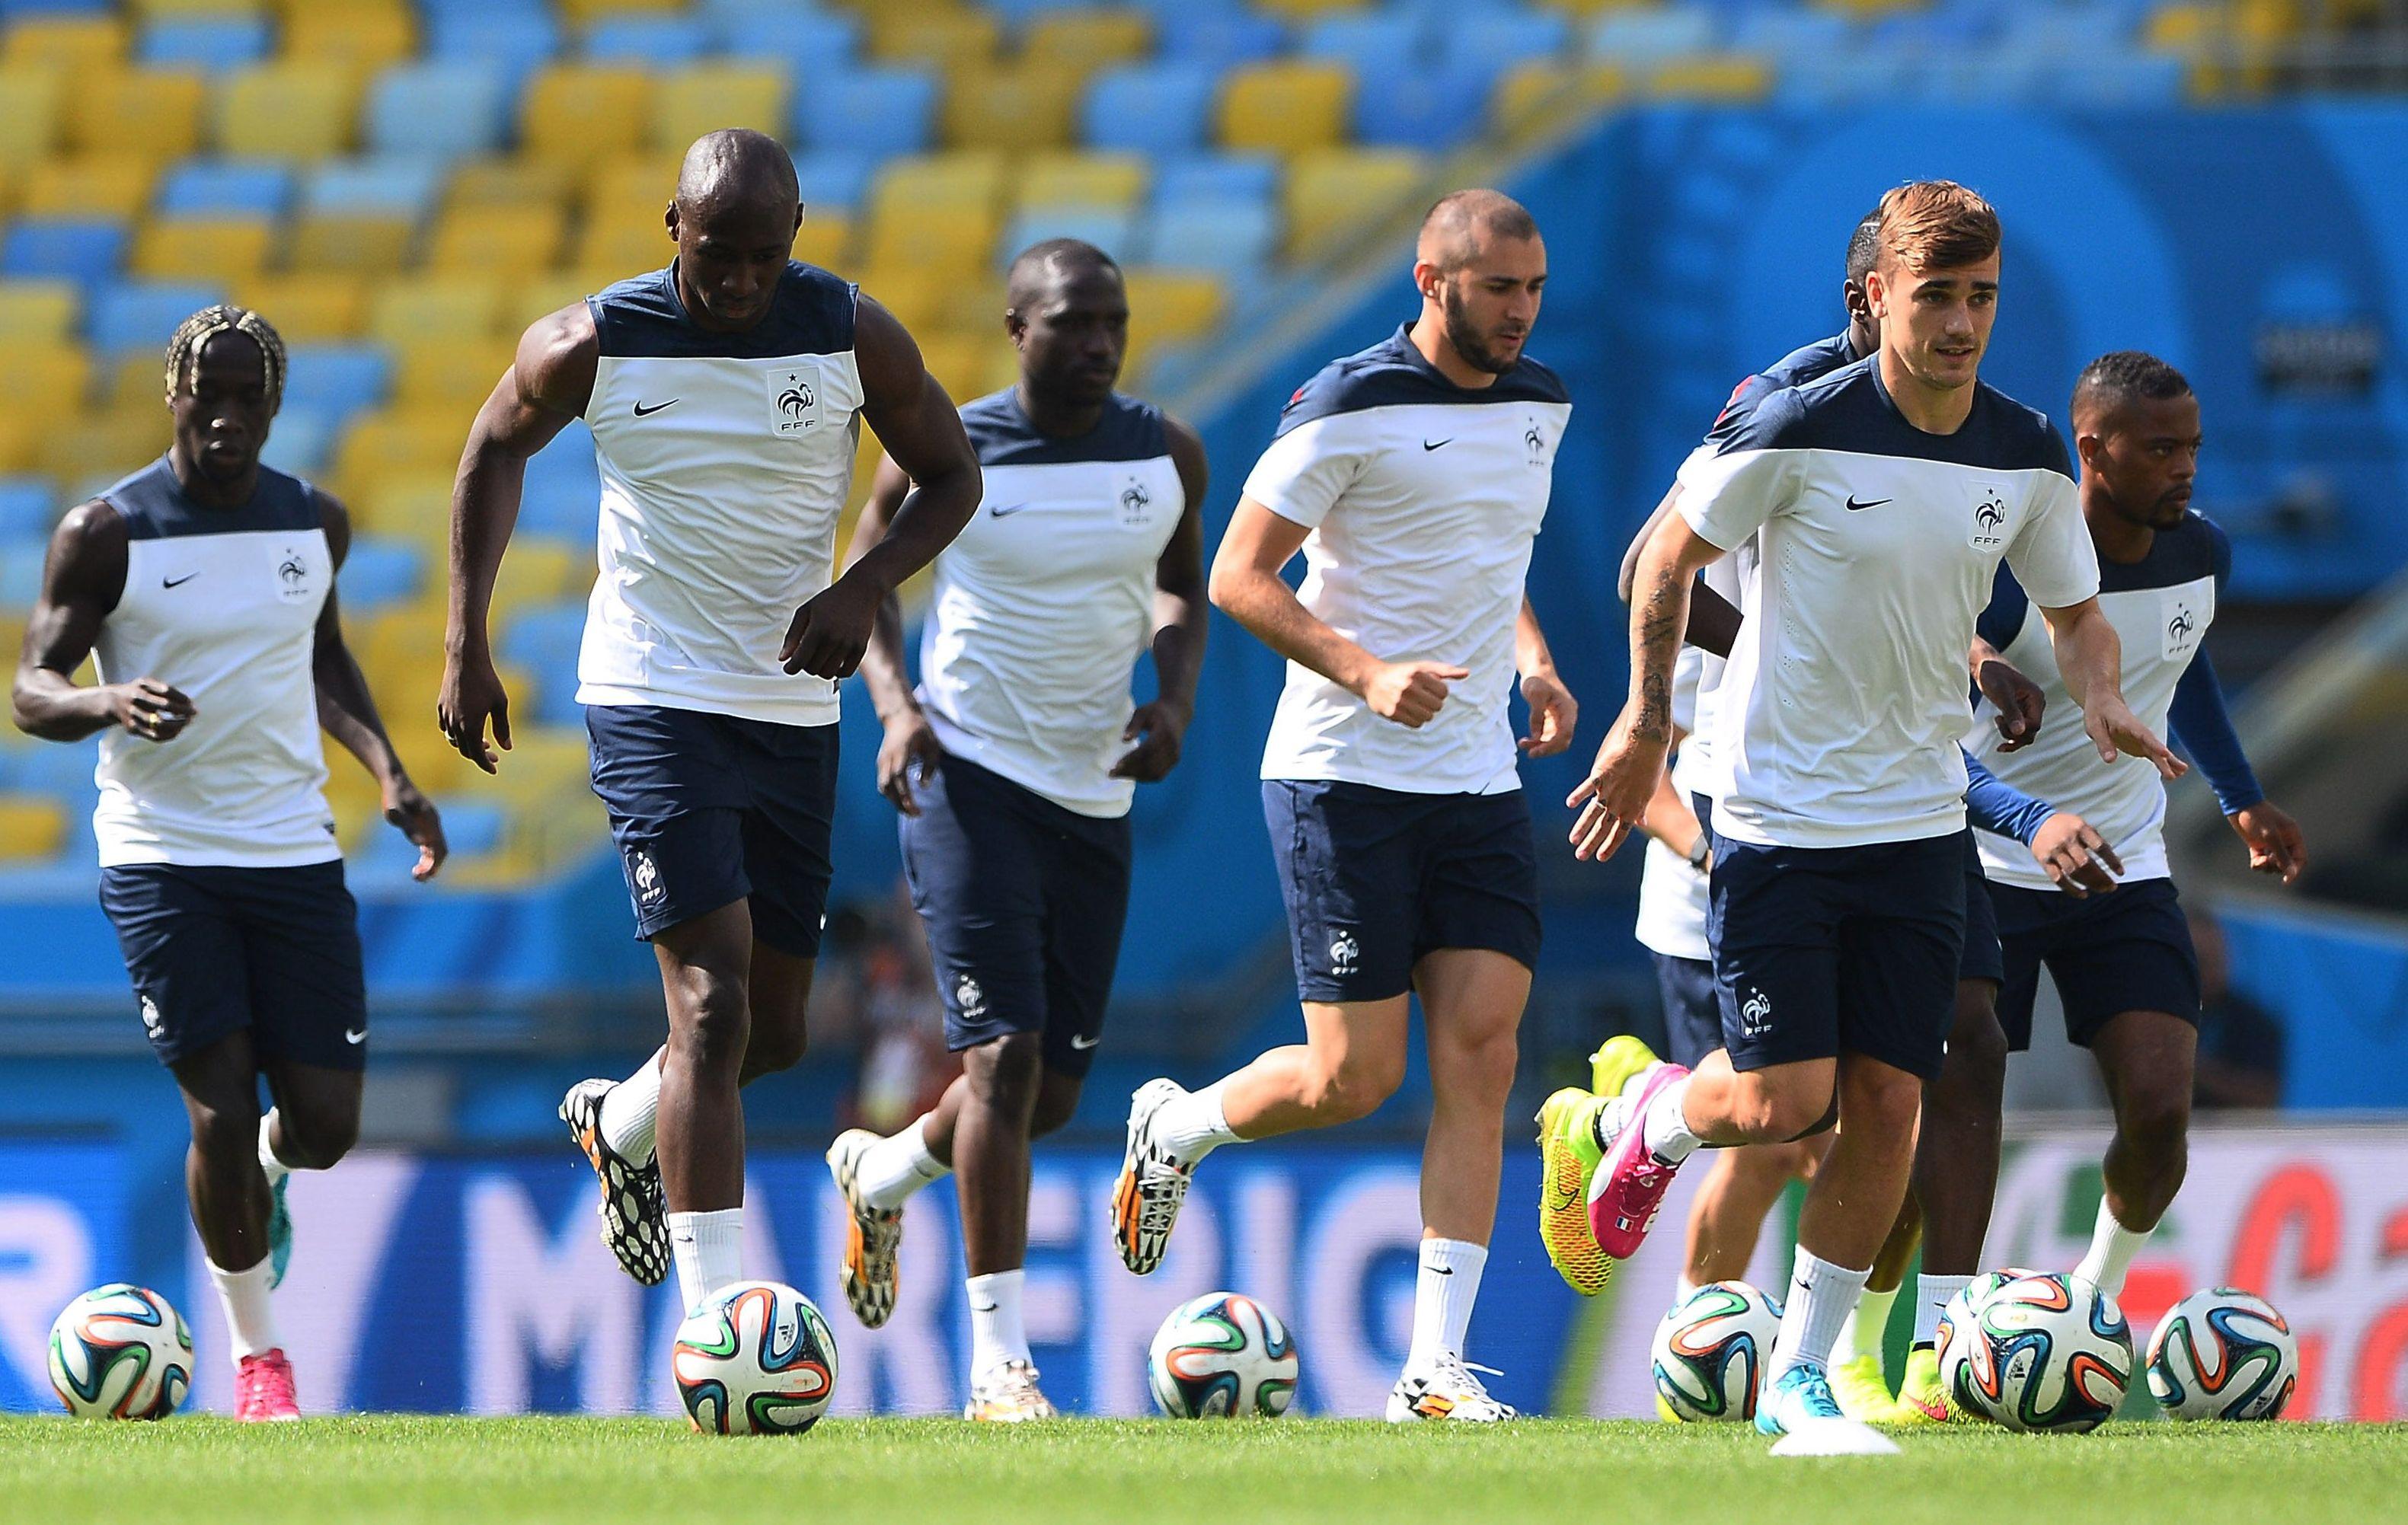 Le myst re demeure presque entier equipe de france 2014 br sil coupe du monde football - Jeux de football coupe du monde 2014 ...